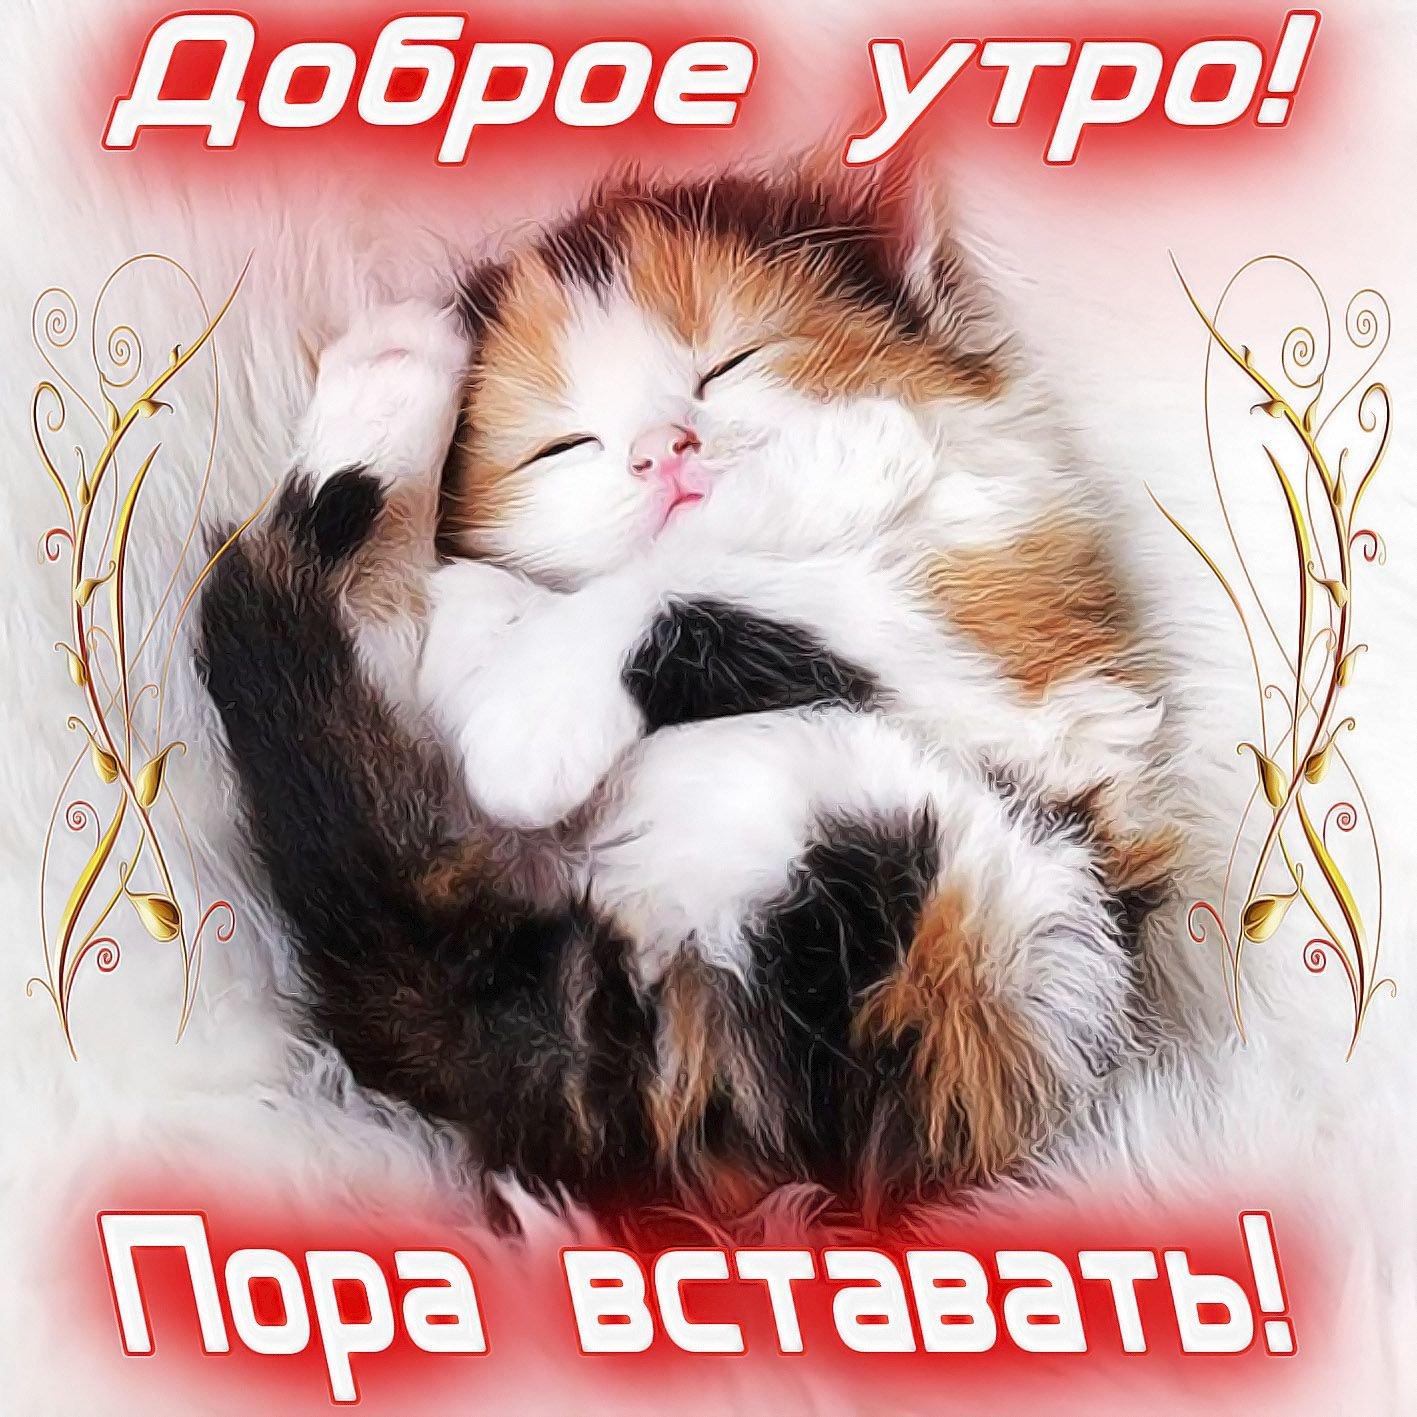 Доброе утро счастье мое картинки для мужчины с кошками, картинка аву